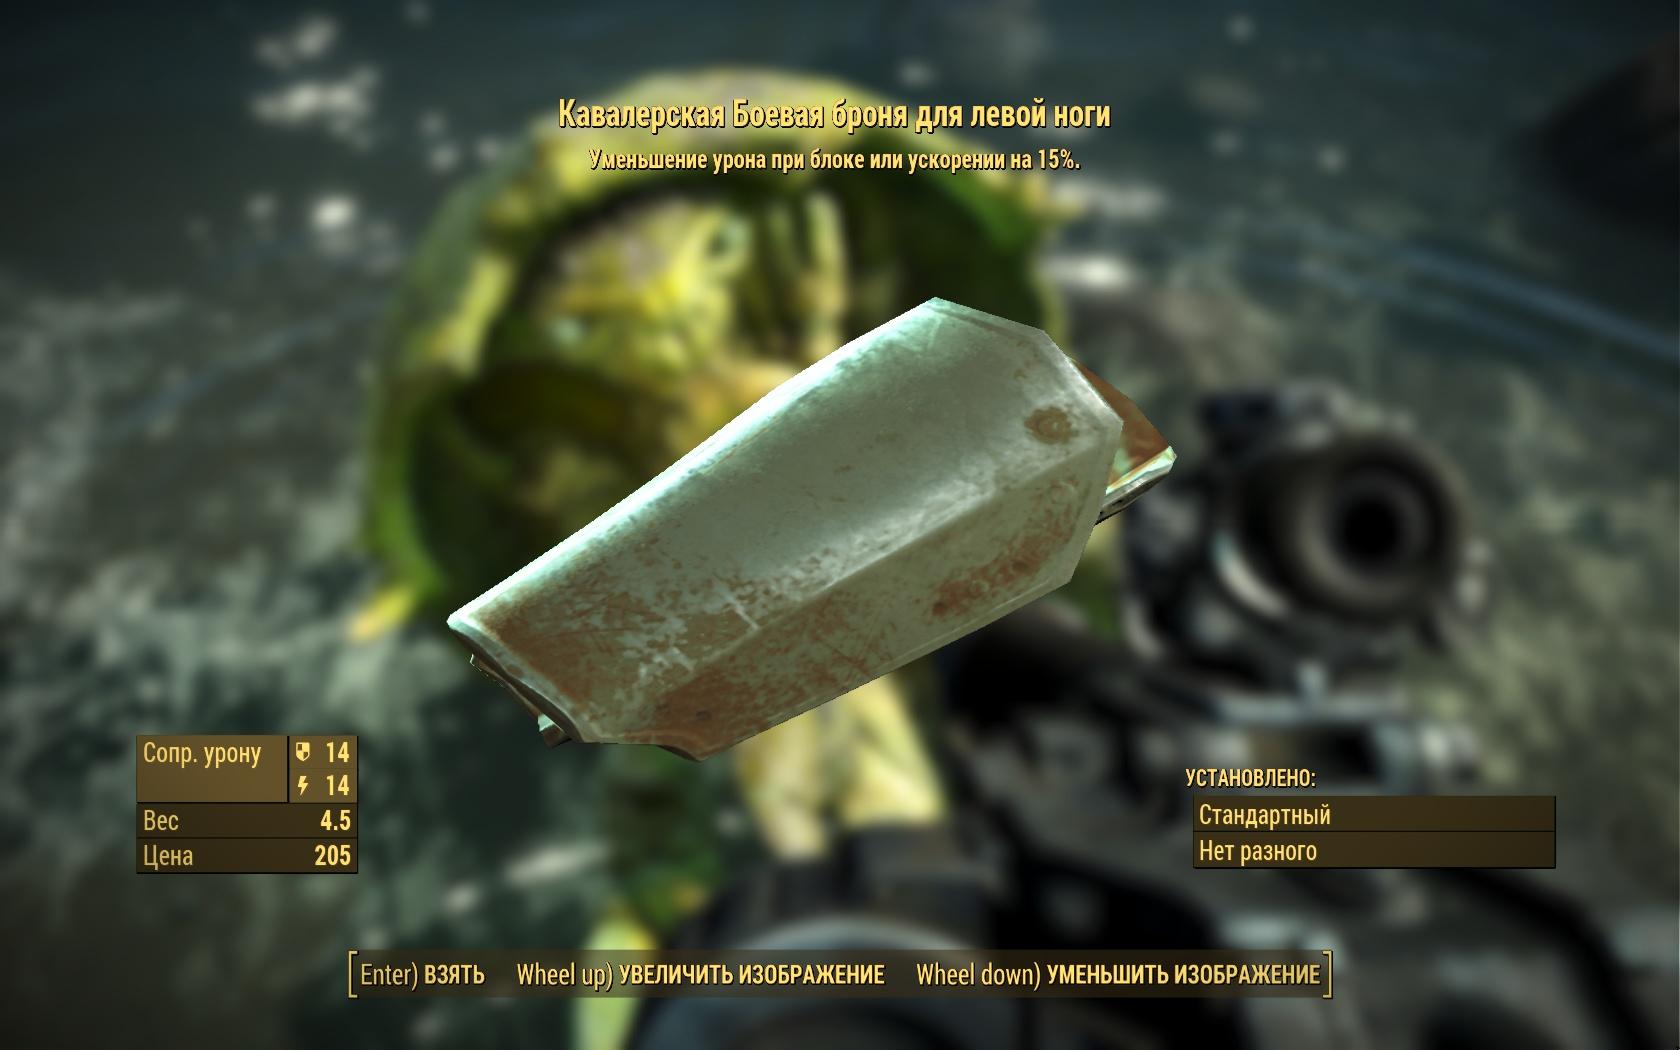 Кавалерская боевая броня для левой ноги - Fallout 4 броня, Кавалерская, Одежда